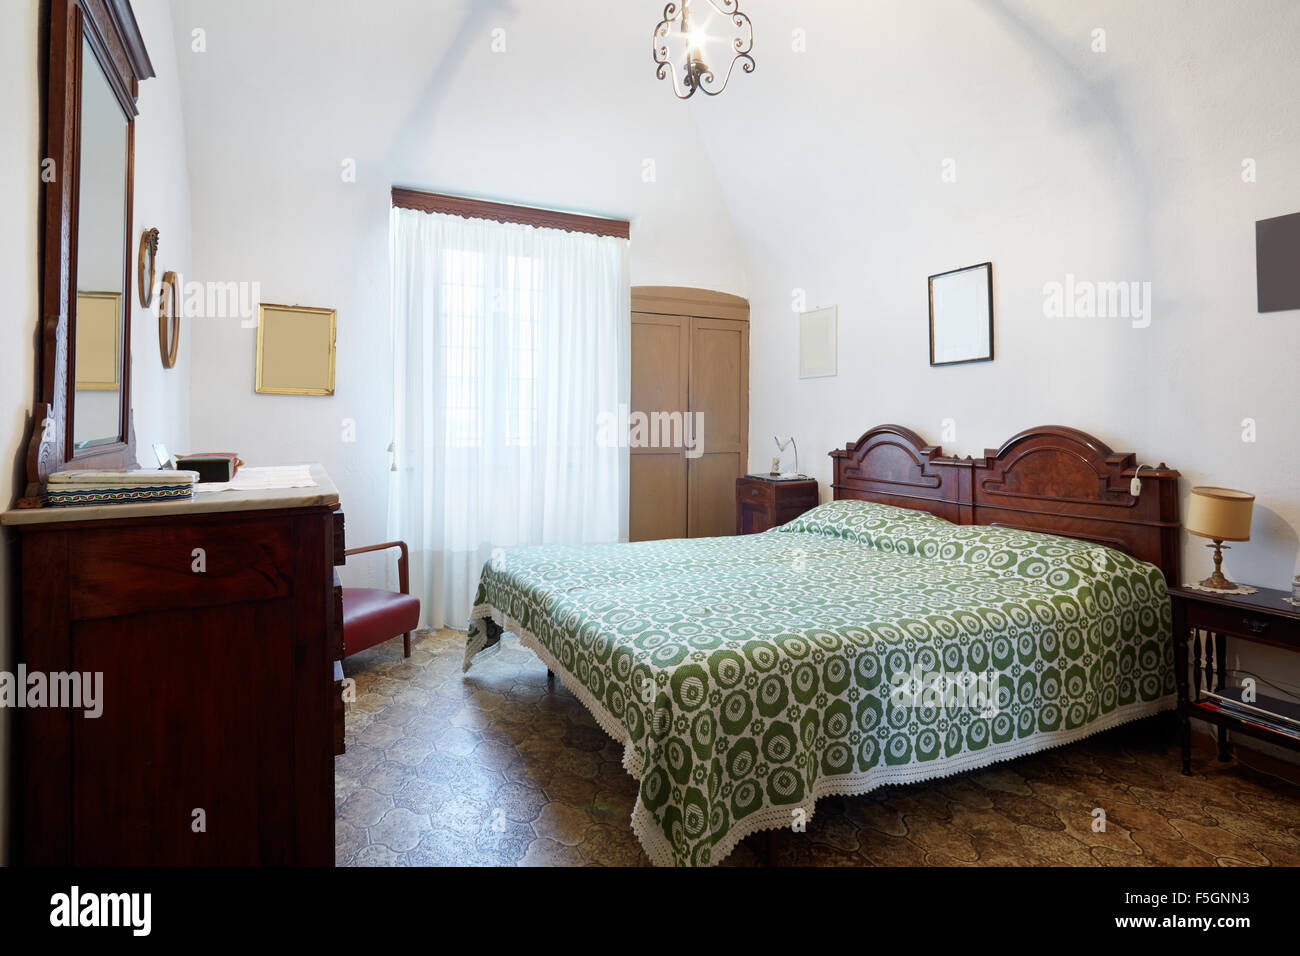 Vecchia Camera Da Letto Con Letto Matrimoniale In Antica Casa Italiana Foto Stock Alamy